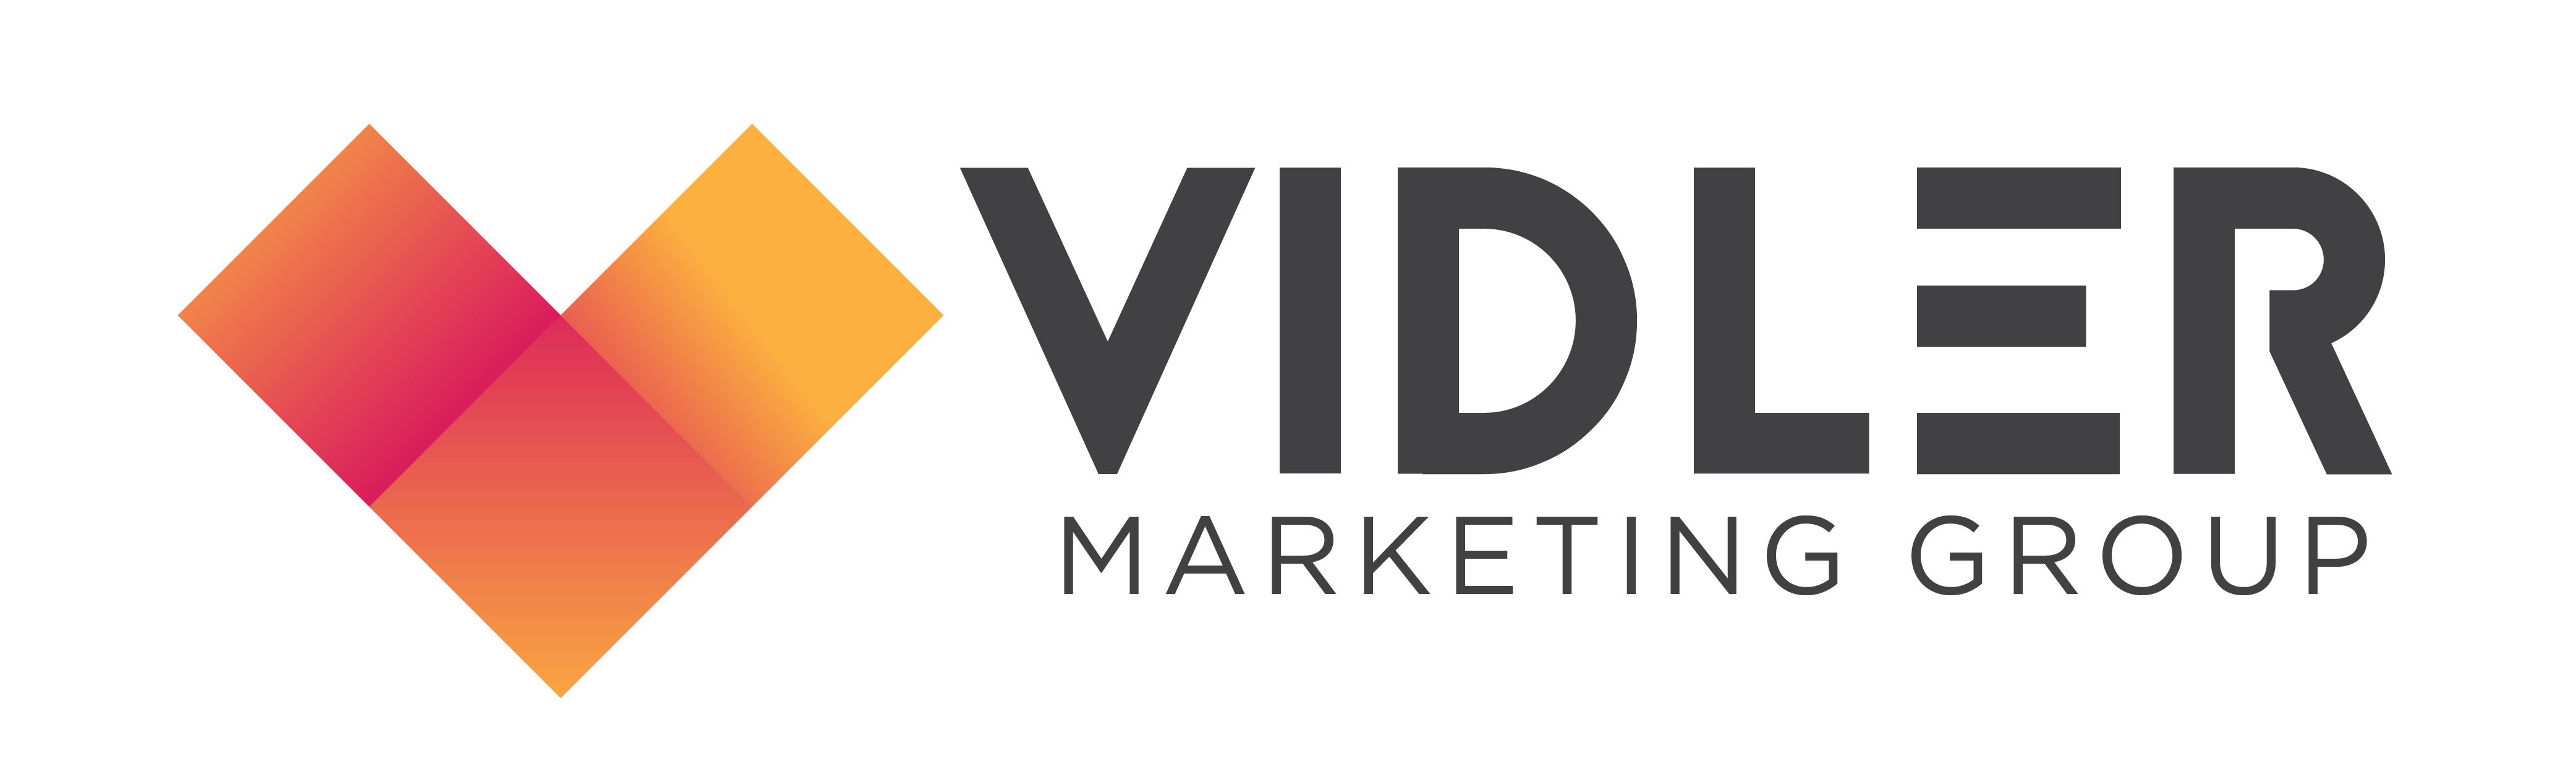 Vidler Marketing Group